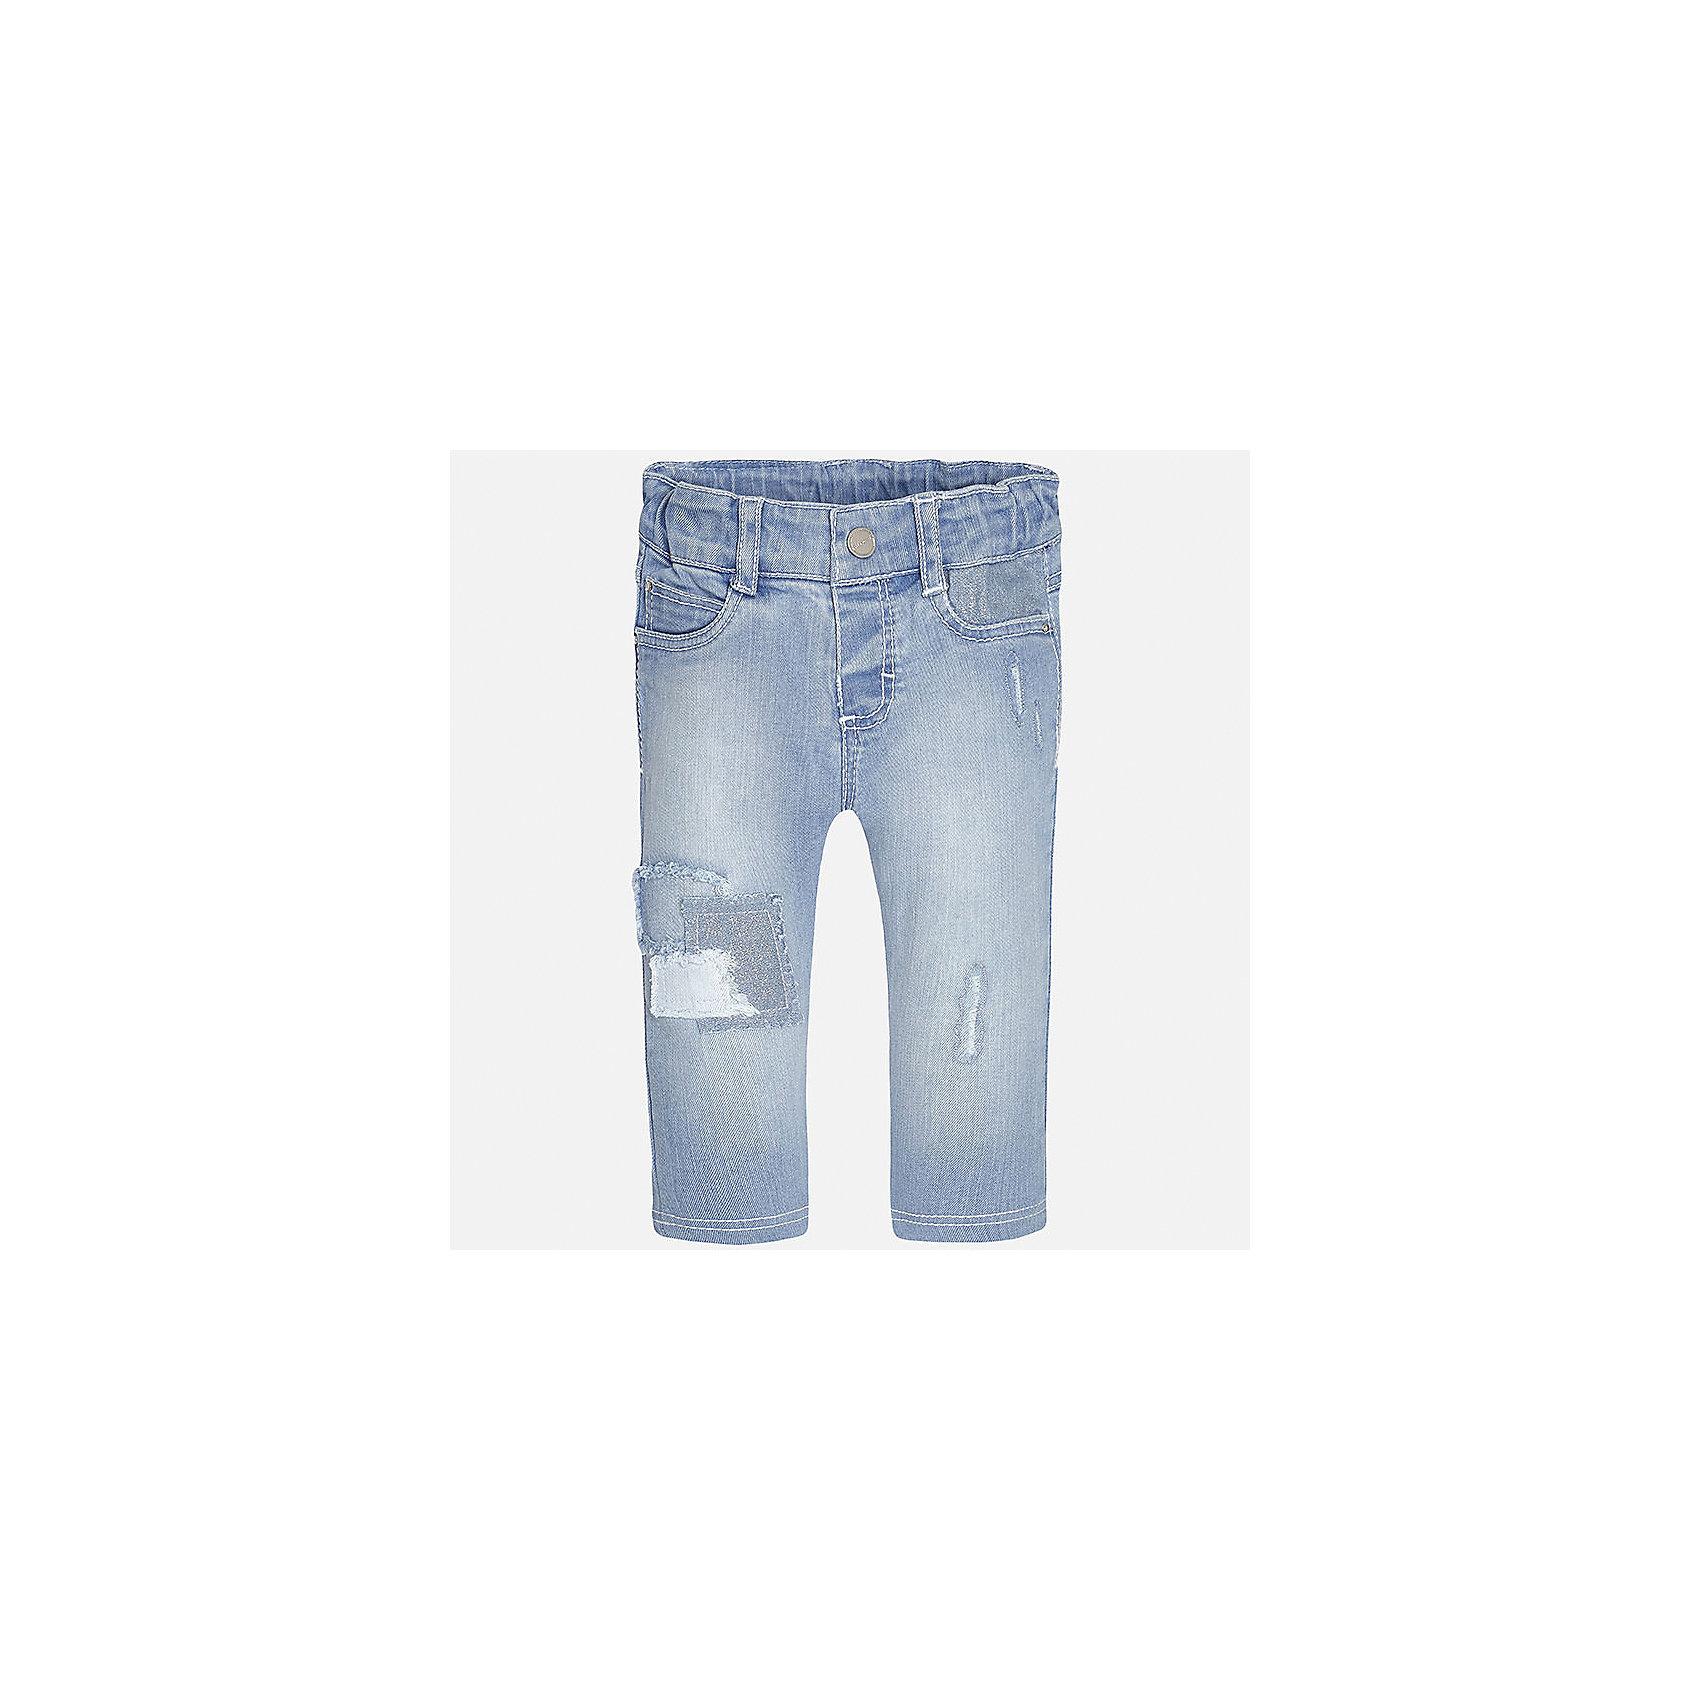 Джинсы для девочки MayoralДжинсовая одежда<br>Характеристики товара:<br><br>• цвет: голубой<br>• состав: 98% хлопок, 2% эластан<br>• эффект потертости<br>• карманы<br>• пояс с регулировкой объема<br>• шлевки<br>• страна бренда: Испания<br><br>Стильные джинсы для девочки смогут разнообразить гардероб ребенка и украсить наряд. Они отлично сочетаются с майками, футболками, блузками. Красивый оттенок позволяет подобрать к вещи верх разных расцветок. Интересный крой модели делает её нарядной и оригинальной. В составе материала - натуральный хлопок, гипоаллергенный, приятный на ощупь, дышащий.<br><br>Одежда, обувь и аксессуары от испанского бренда Mayoral полюбились детям и взрослым по всему миру. Модели этой марки - стильные и удобные. Для их производства используются только безопасные, качественные материалы и фурнитура. Порадуйте ребенка модными и красивыми вещами от Mayoral! <br><br>Джинсы для девочки от испанского бренда Mayoral (Майорал) можно купить в нашем интернет-магазине.<br><br>Ширина мм: 215<br>Глубина мм: 88<br>Высота мм: 191<br>Вес г: 336<br>Цвет: голубой<br>Возраст от месяцев: 6<br>Возраст до месяцев: 9<br>Пол: Женский<br>Возраст: Детский<br>Размер: 74,86,92,80<br>SKU: 5288996